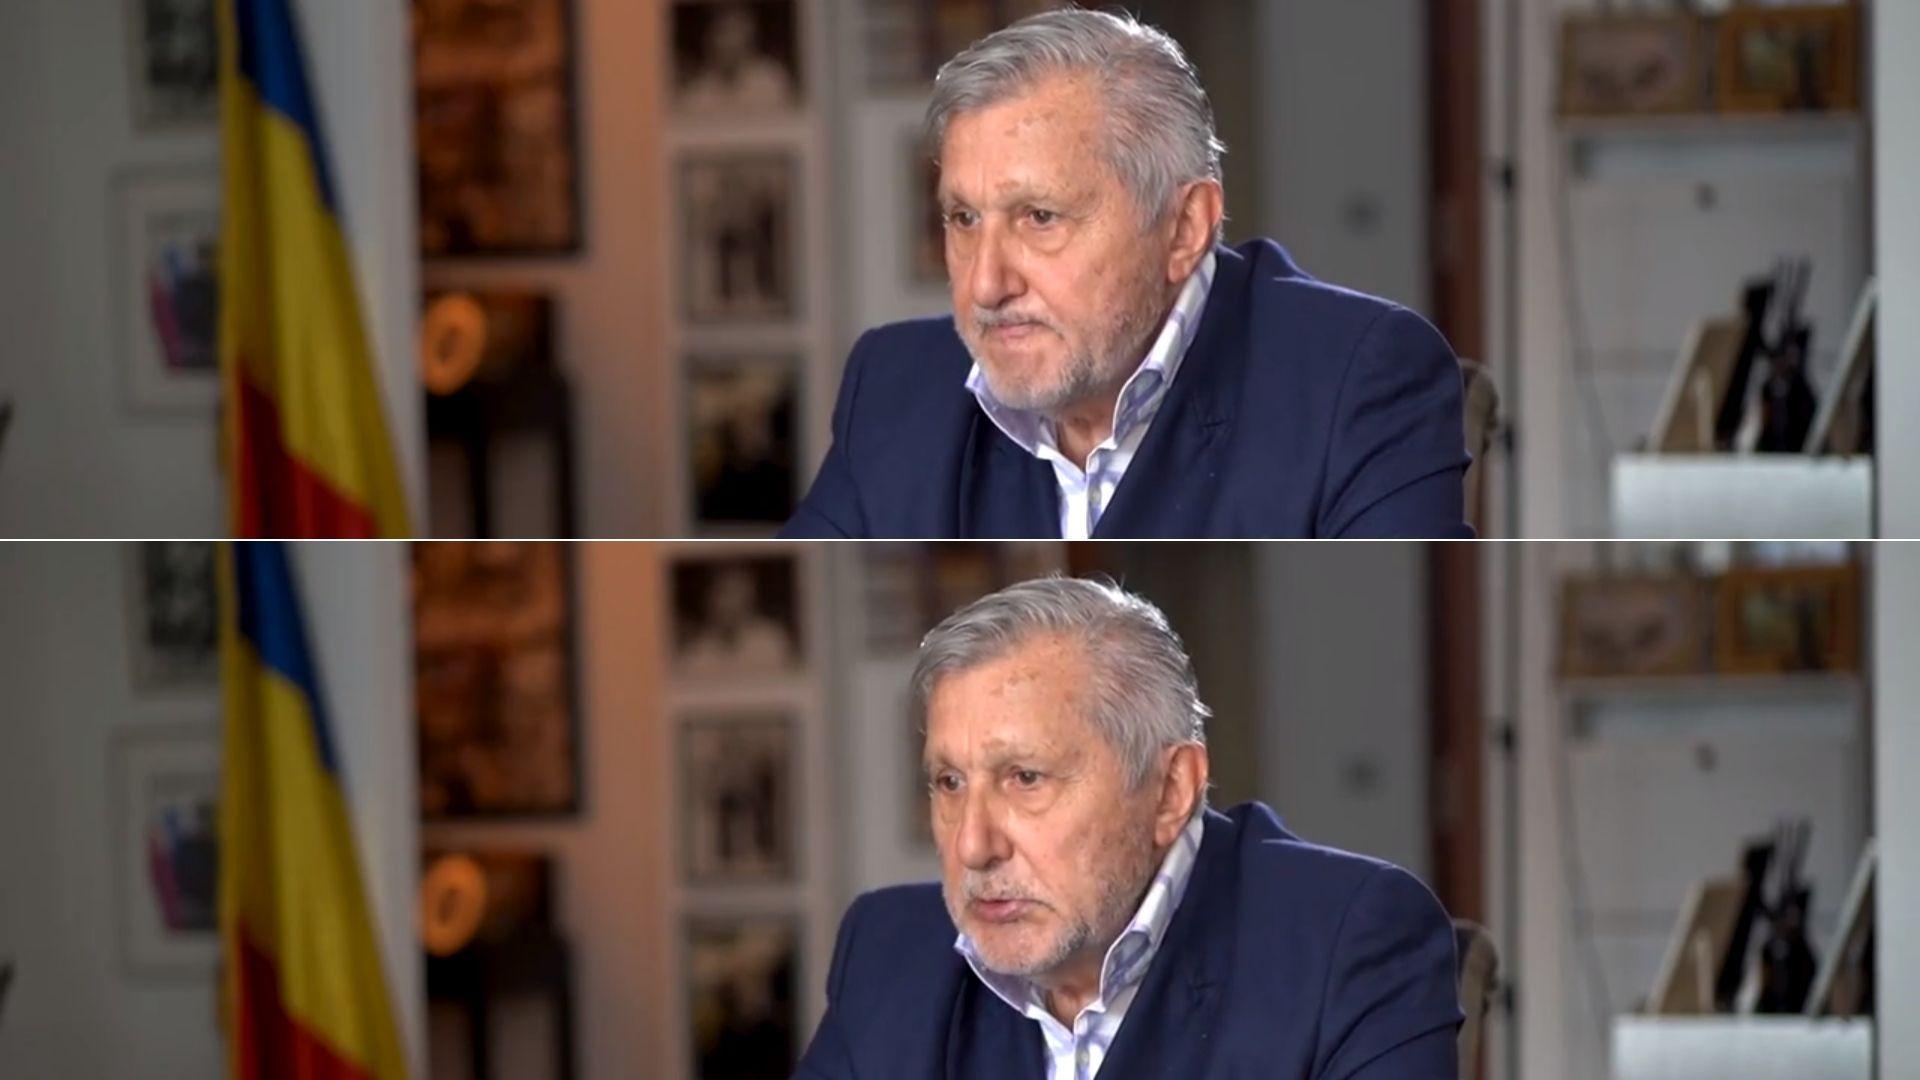 """Ilie Năstase, cu ochii în lacrimi! Sportivul, la un pas să plângă în timpul unui interviu: """"Vrem să ne cerem iertare"""""""